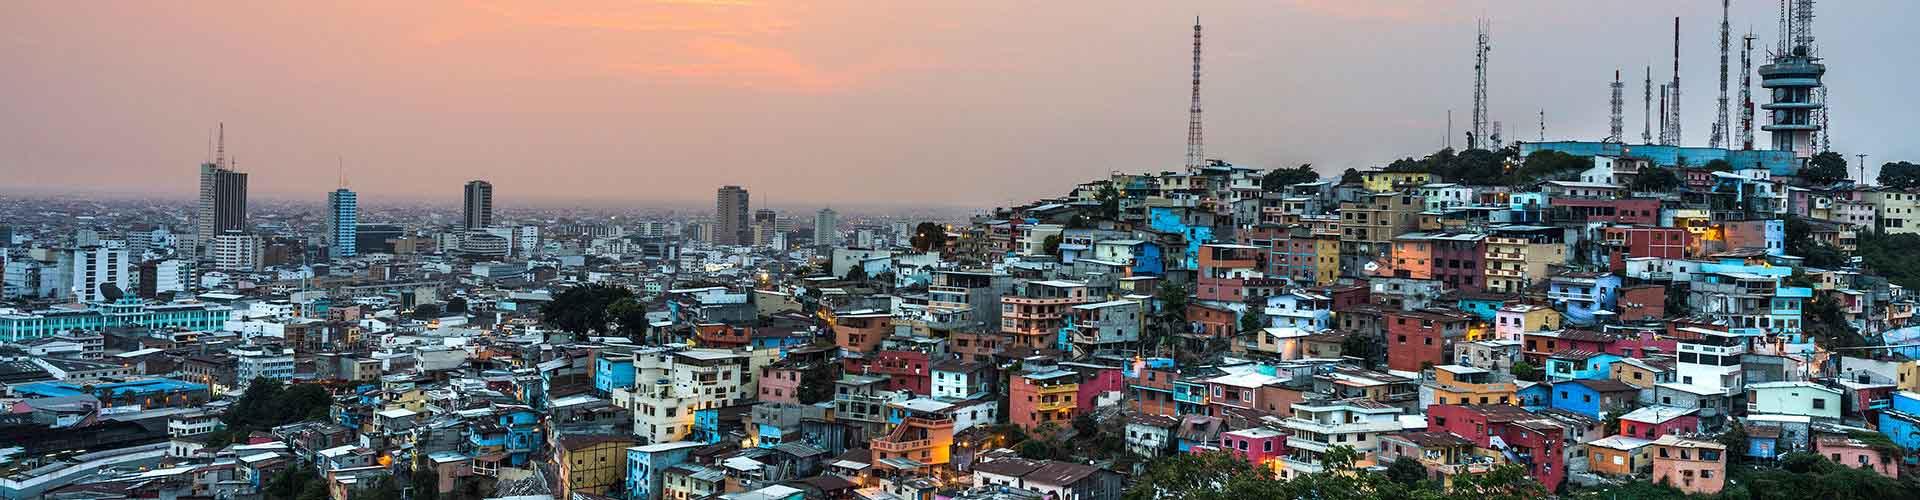 Guayaquil - Campamentos en Guayaquil. Mapas de Guayaquil, Fotos y comentarios de cada Campamento en Guayaquil.